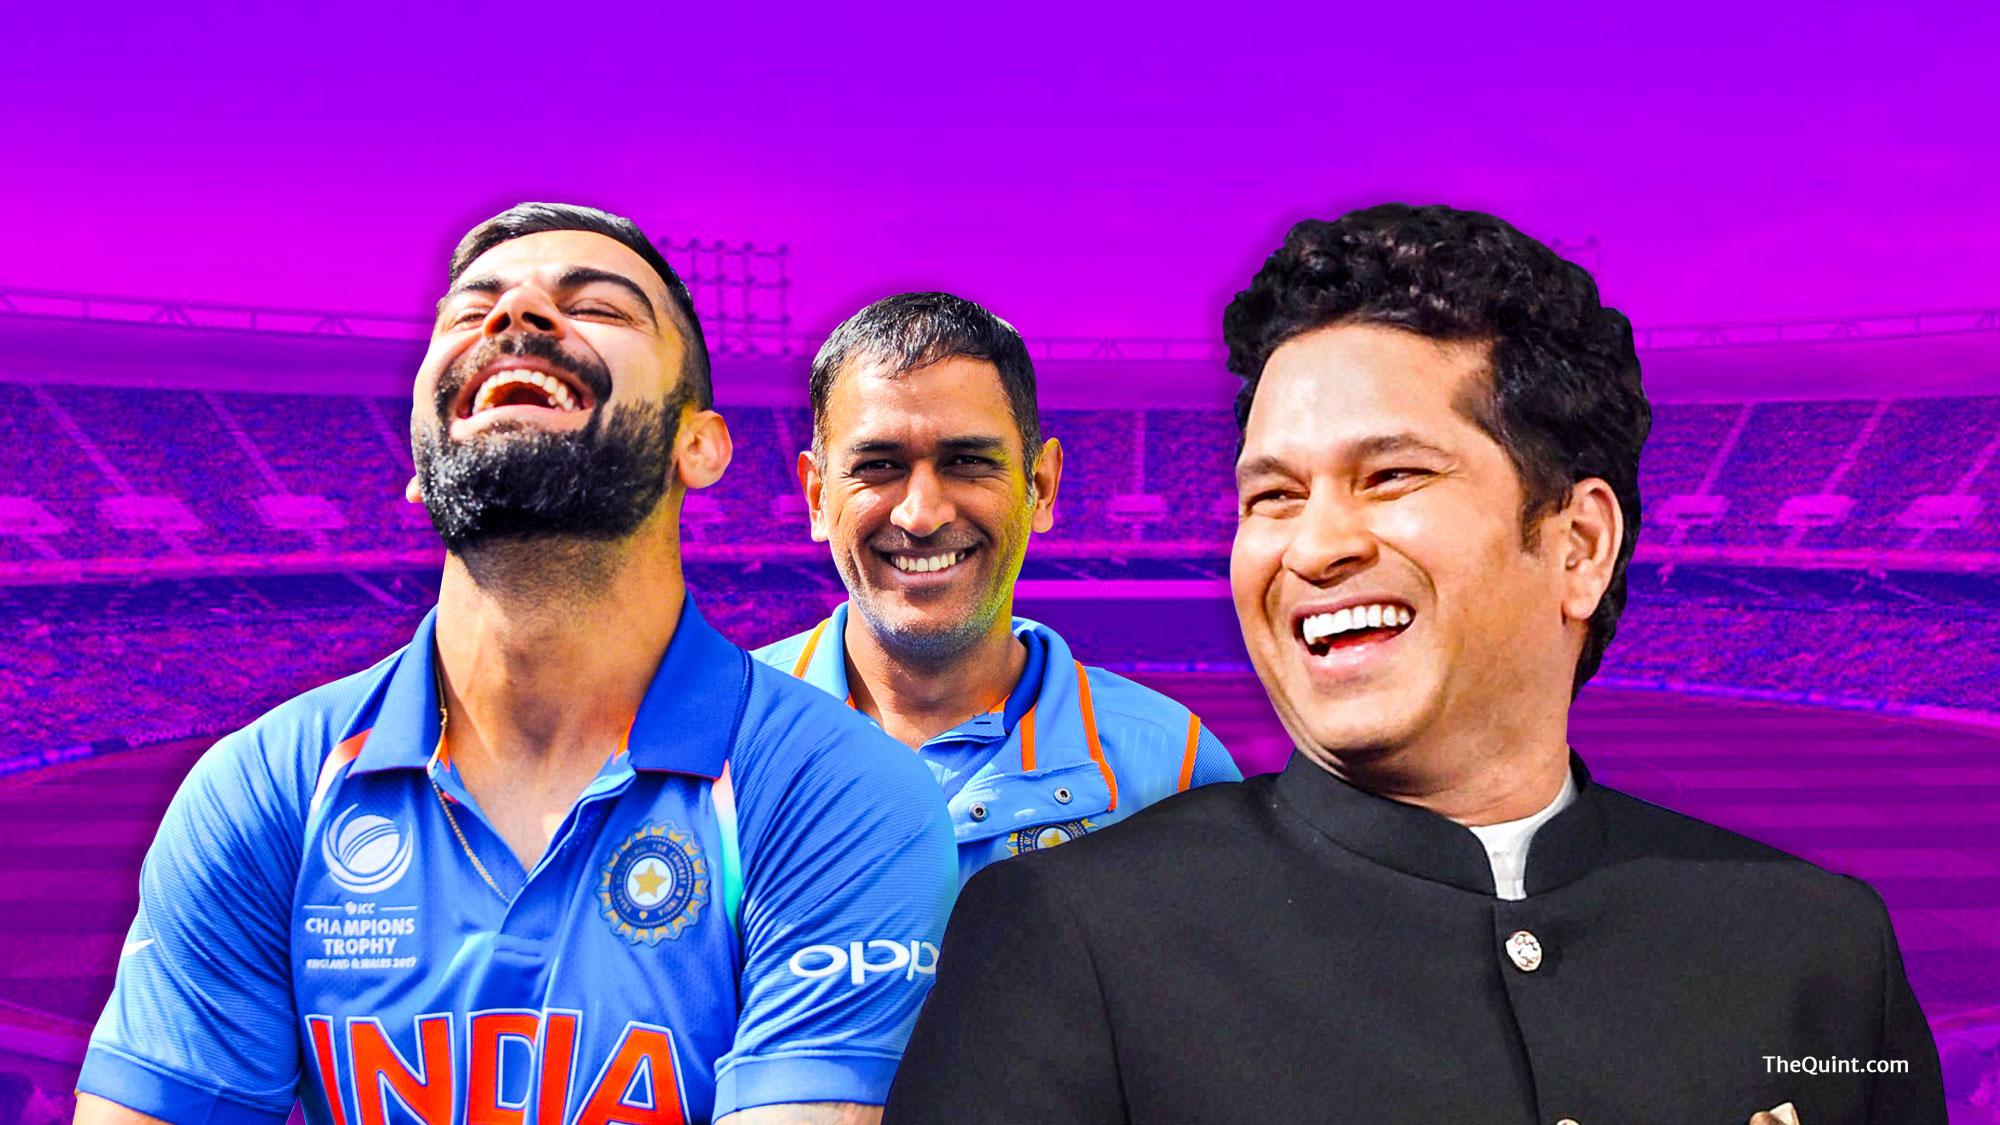 फोर्ब्स की साल 2017 में सबसे अधिक कमाई करने वाले सेलिब्रिटीज की लिस्ट में इस खिलाड़ी की धाक...आमिर, प्रियंका भी रह गये कहीं पीछे 1